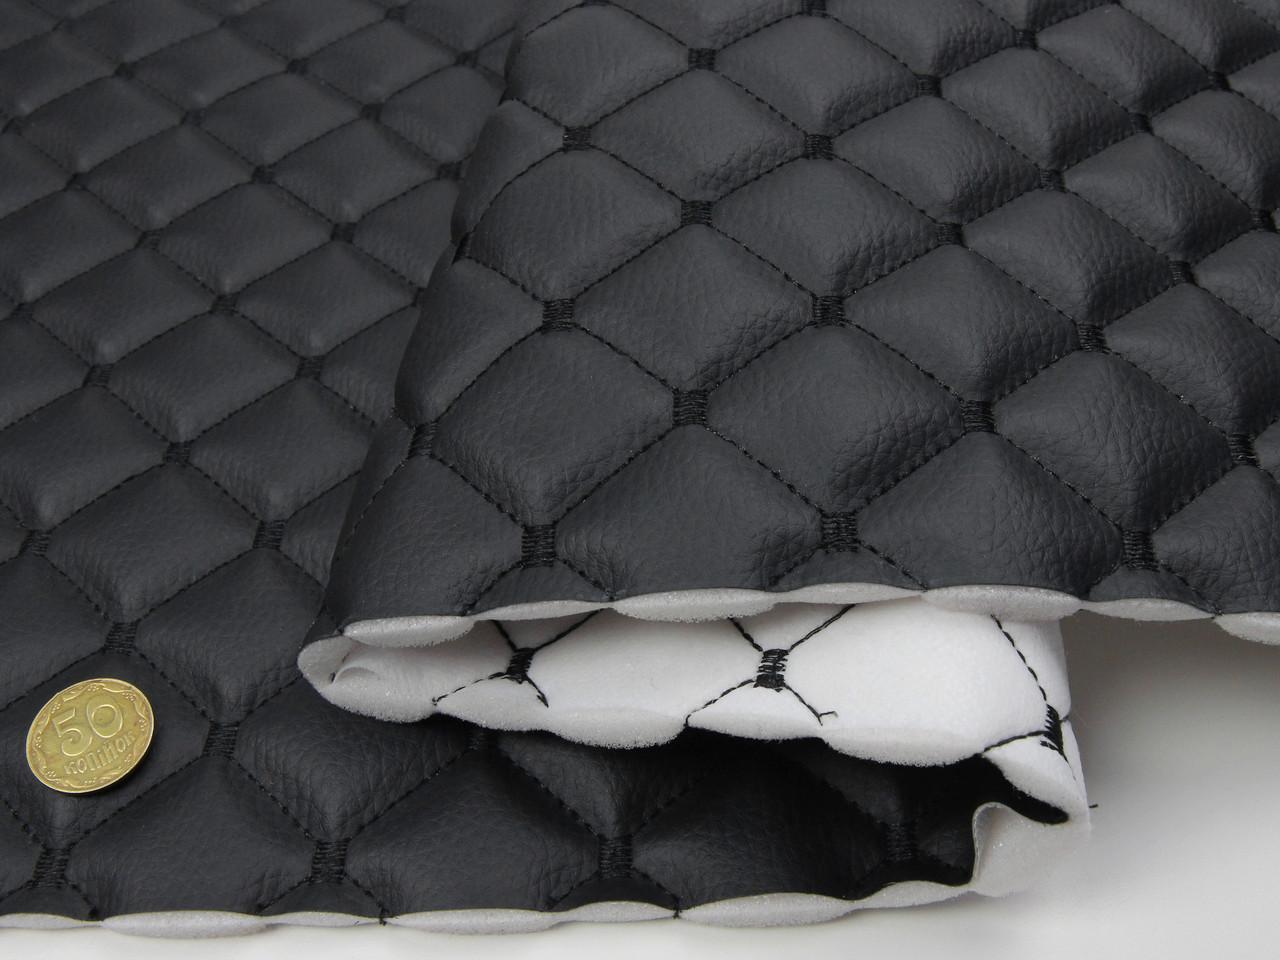 Кожзам стьобаний чорний «Ромб» (прошитий чорною ниткою) дубльований поролон і флізеліном шир 1,35 м